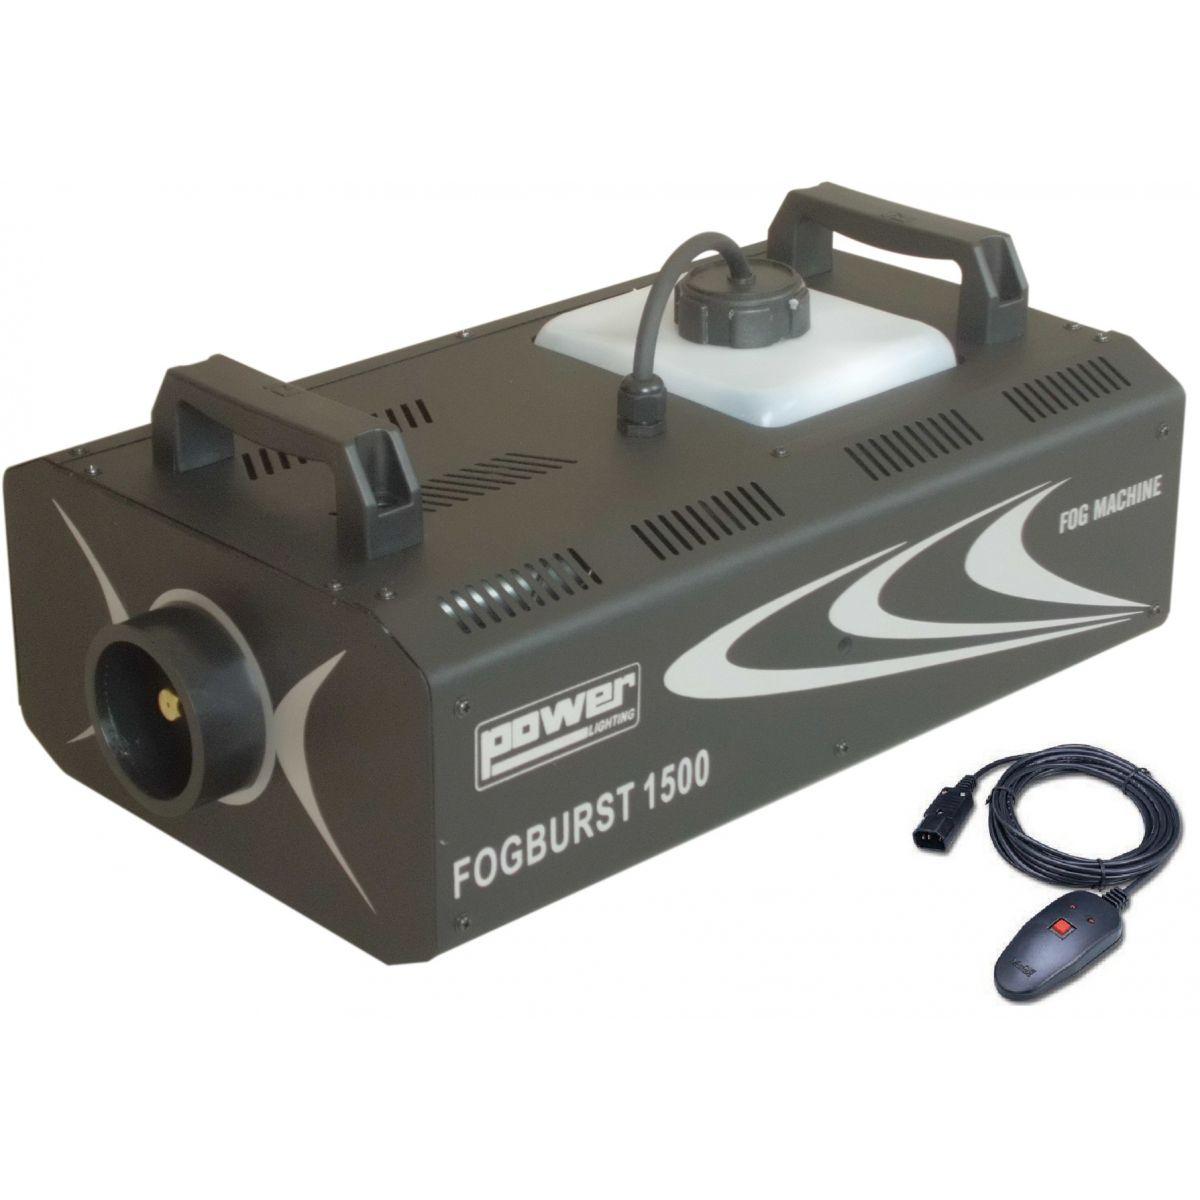 Power Lighting FOGBURST 1500